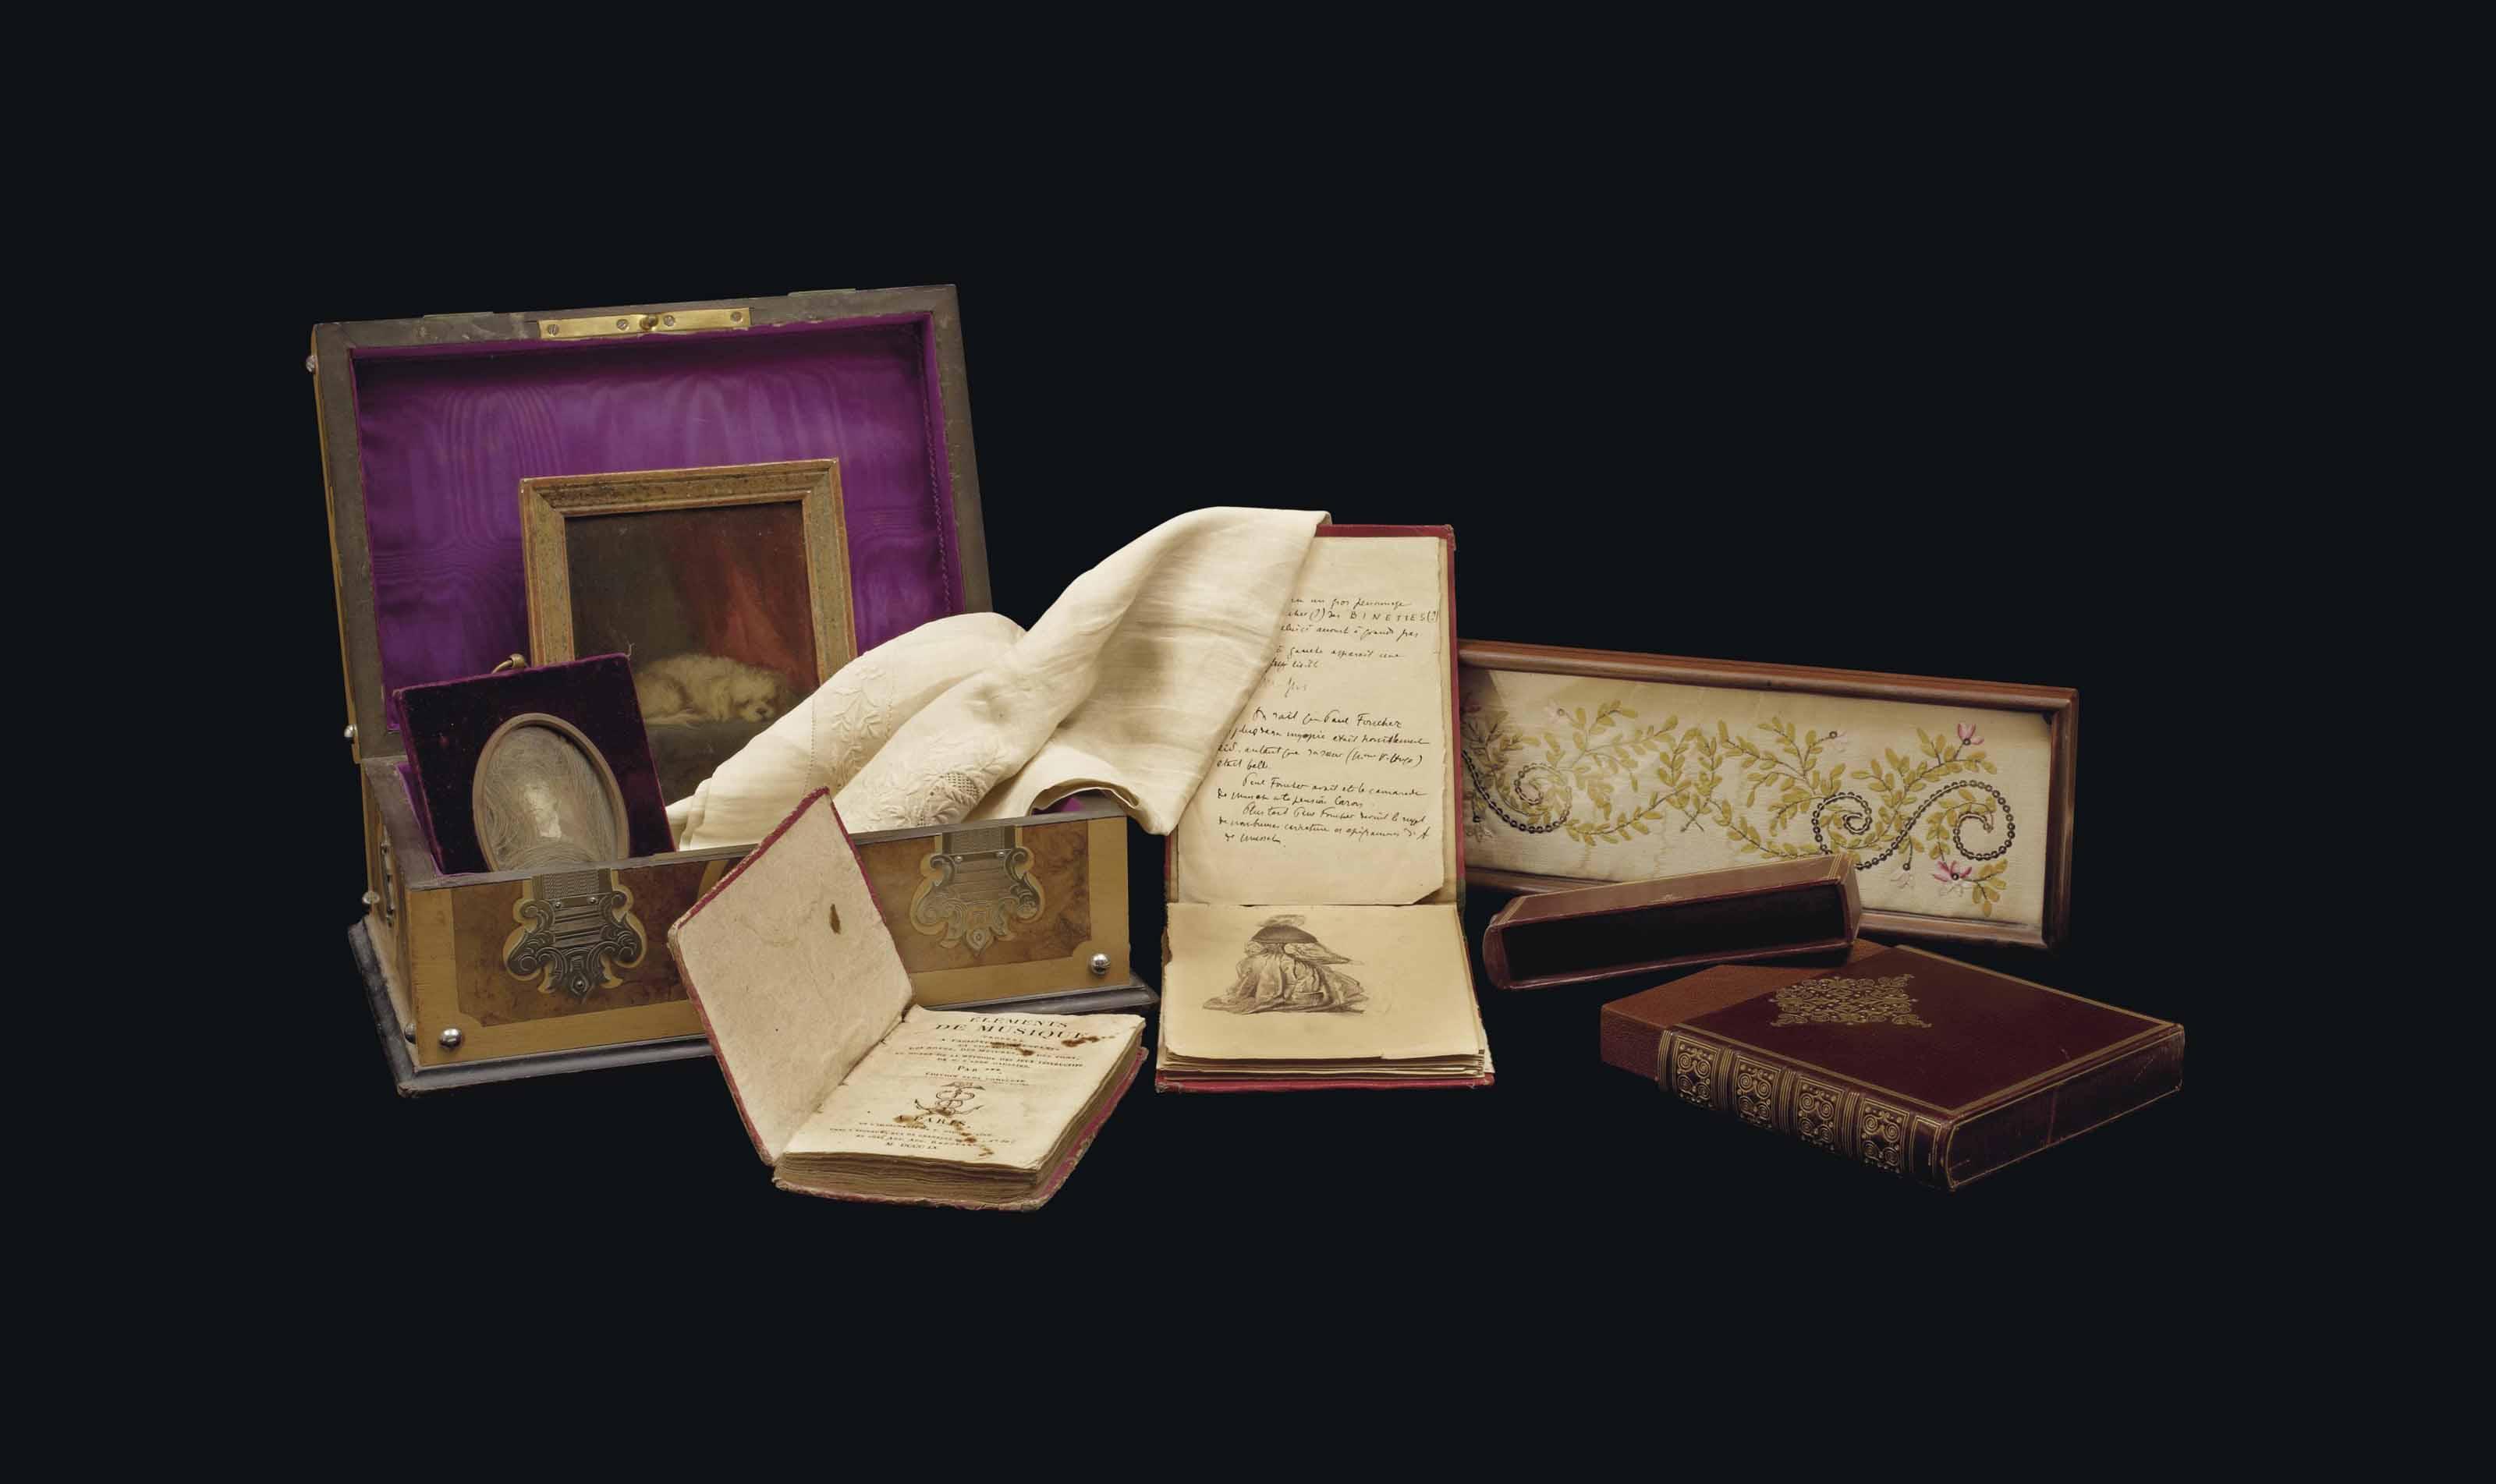 [SAND, George]. SOUVENIRS DE GEORGE SAND ET DE NOHANT conservés dans un coffret d'époque Napoléon III en marqueterie de ronce et de sycomore à motifs géométriques, à décor de pentures de cuivre estampé et gravé, doublure de moire cramoisie (105 x 260 x 185 mm). Il renferme: